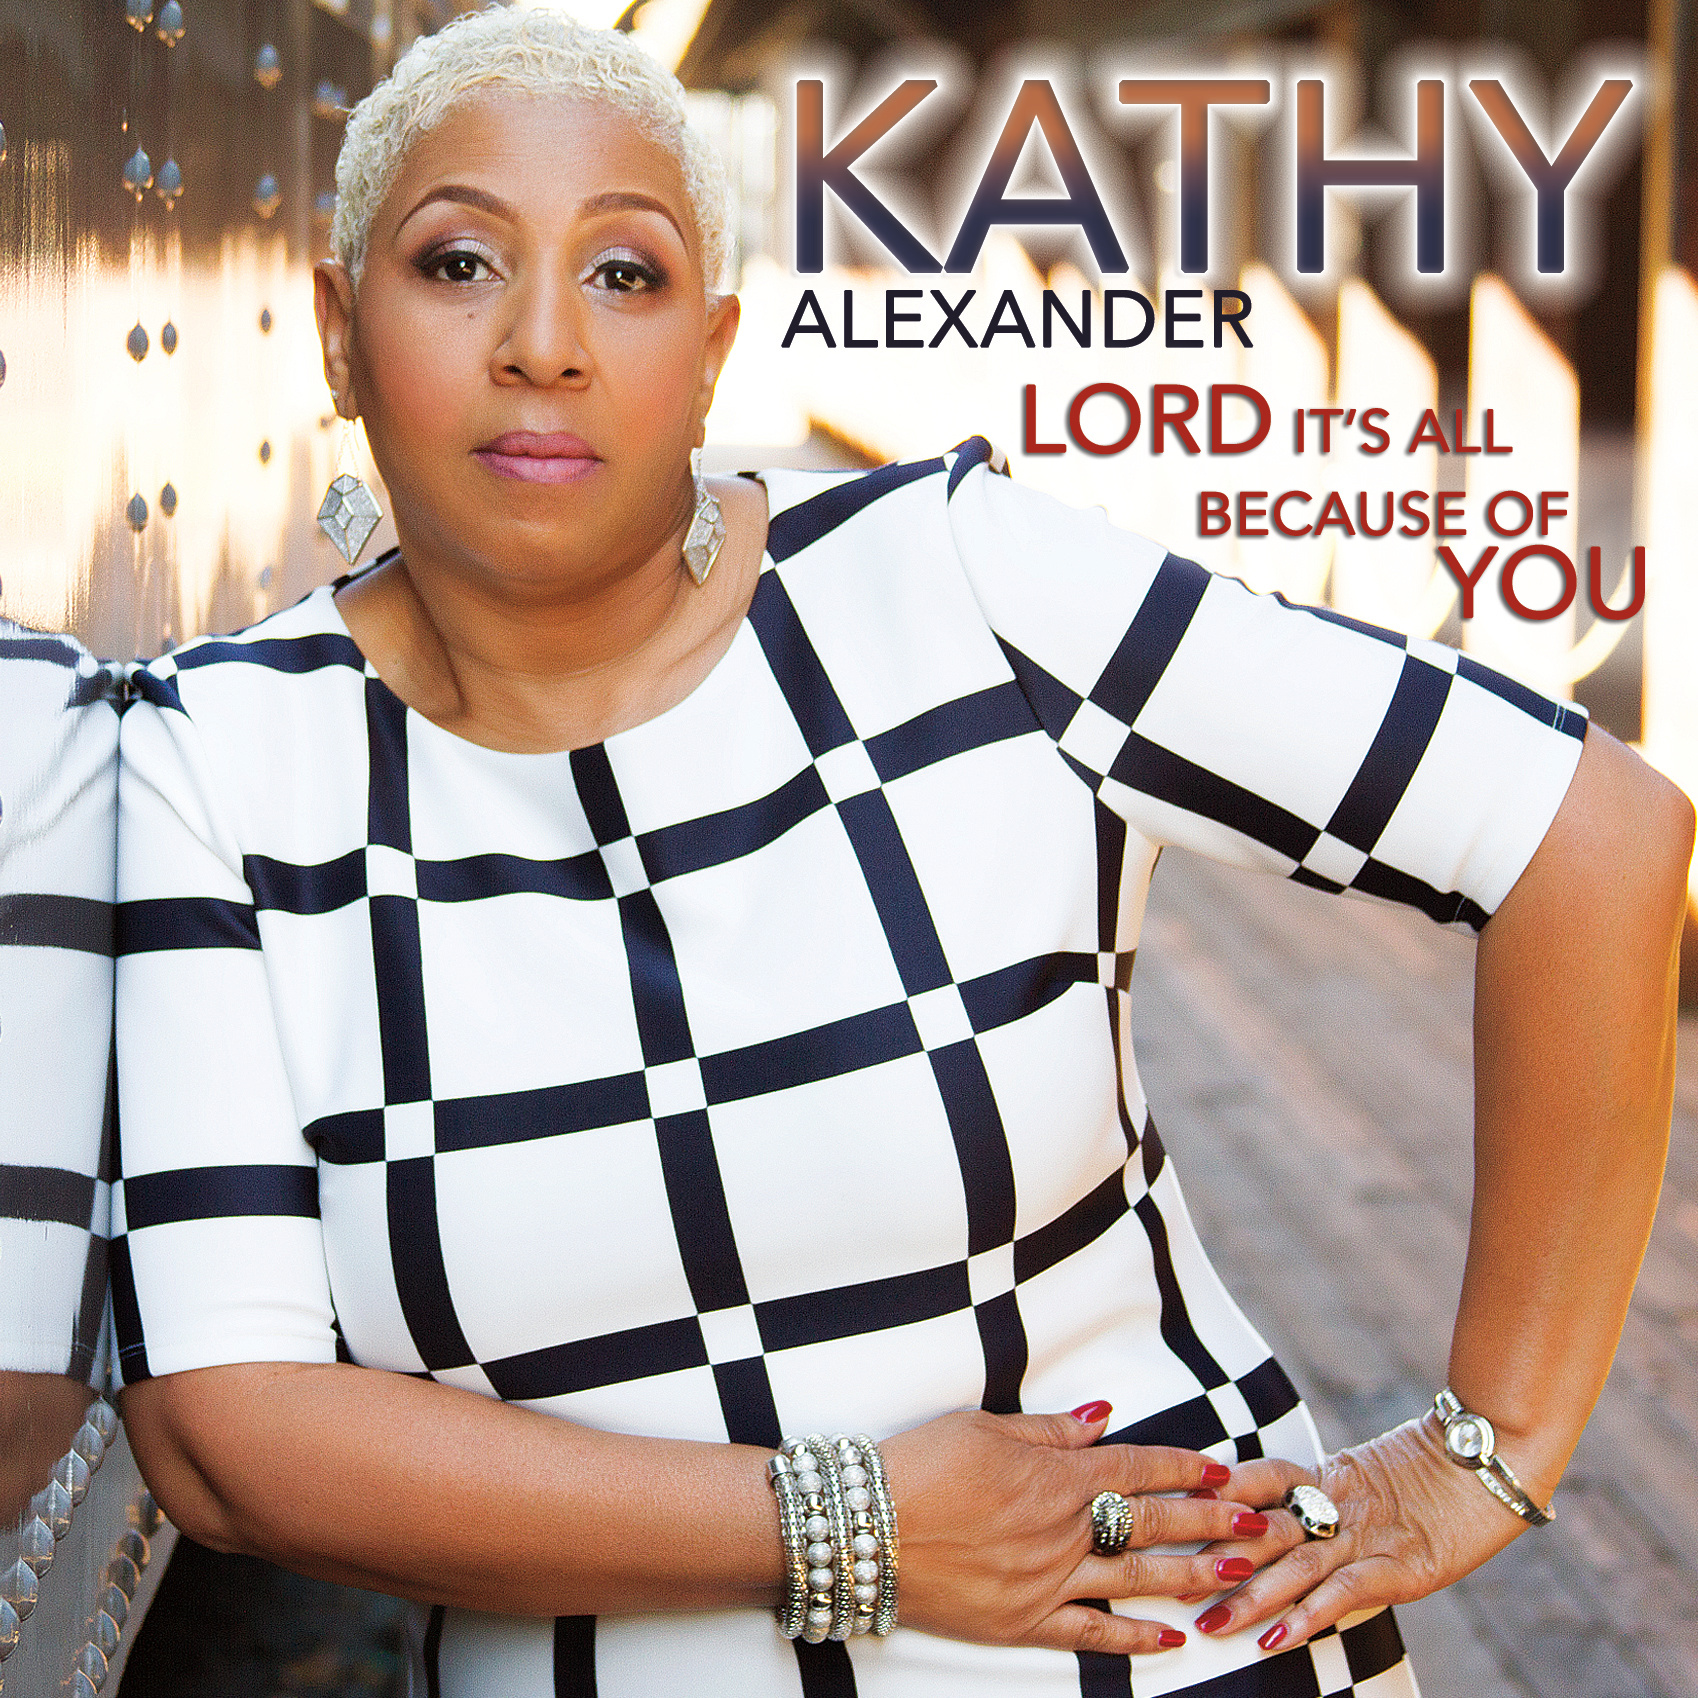 Kathy Alexander